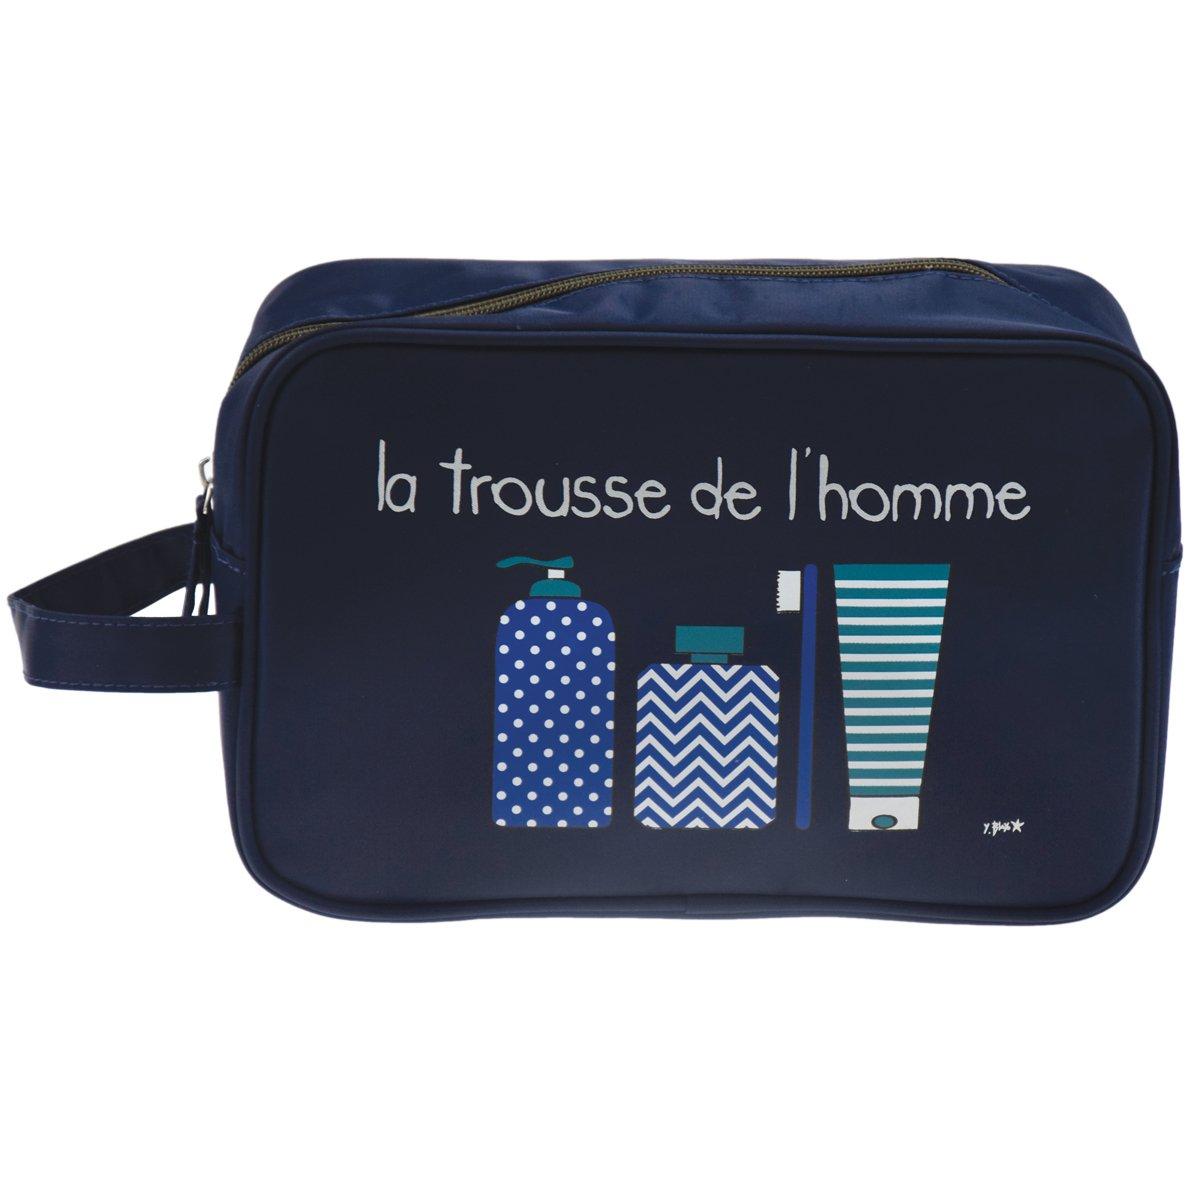 Incidence Paris 62153 Trousse de toilette rectangulaire La trousse de l'homme Nylon Anse de transport, Bleu nuit Bleu nuit